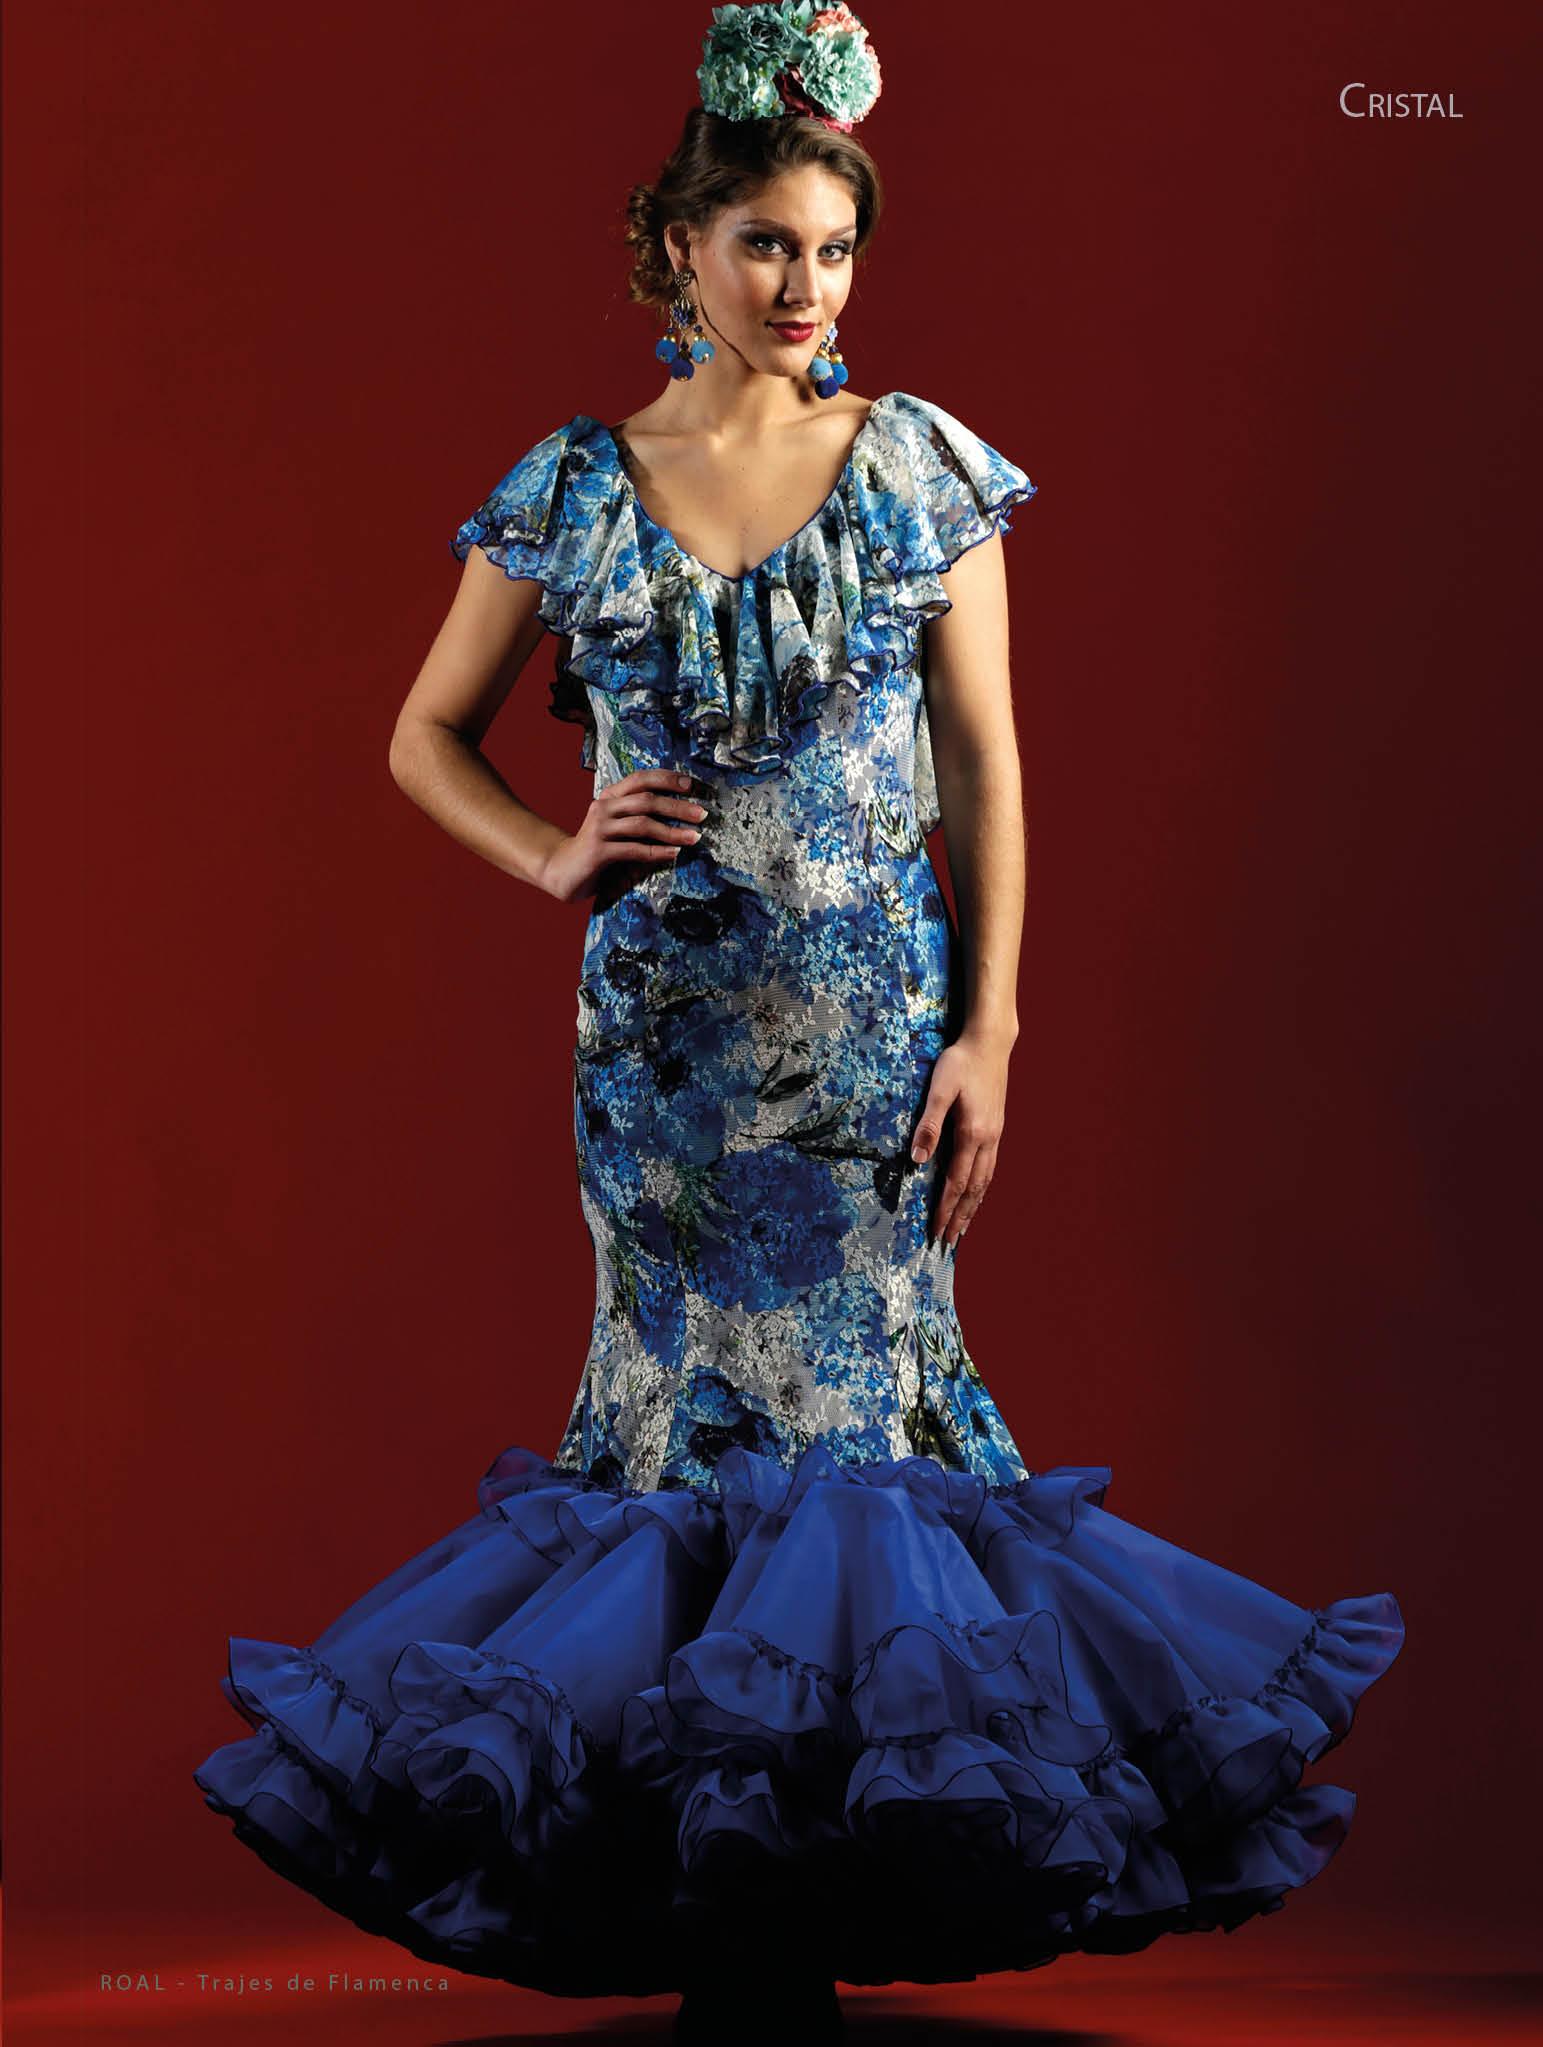 9a41c9278 Creaciones Roal: trajes de flamenca catálogo 2018 | Modas y ...